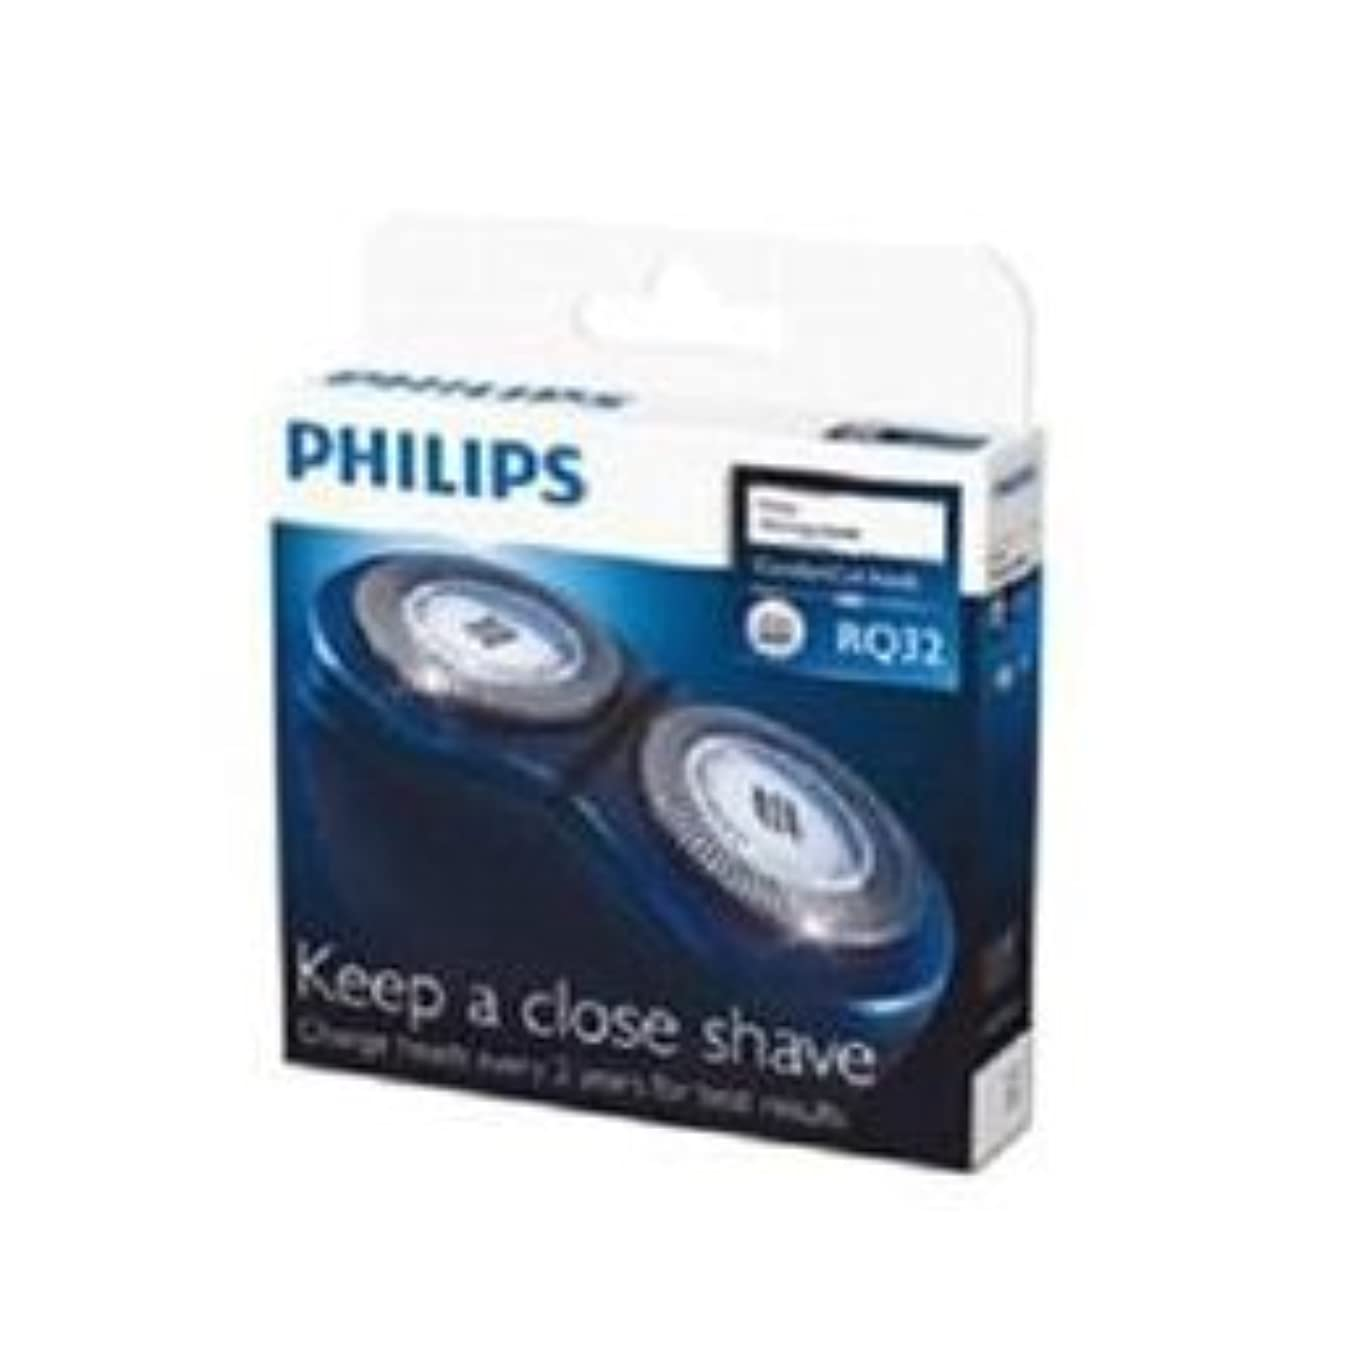 構成員馬鹿げた窓を洗う(8個まとめ売り) PHILIPS シェーバー替刃 RQ32/21